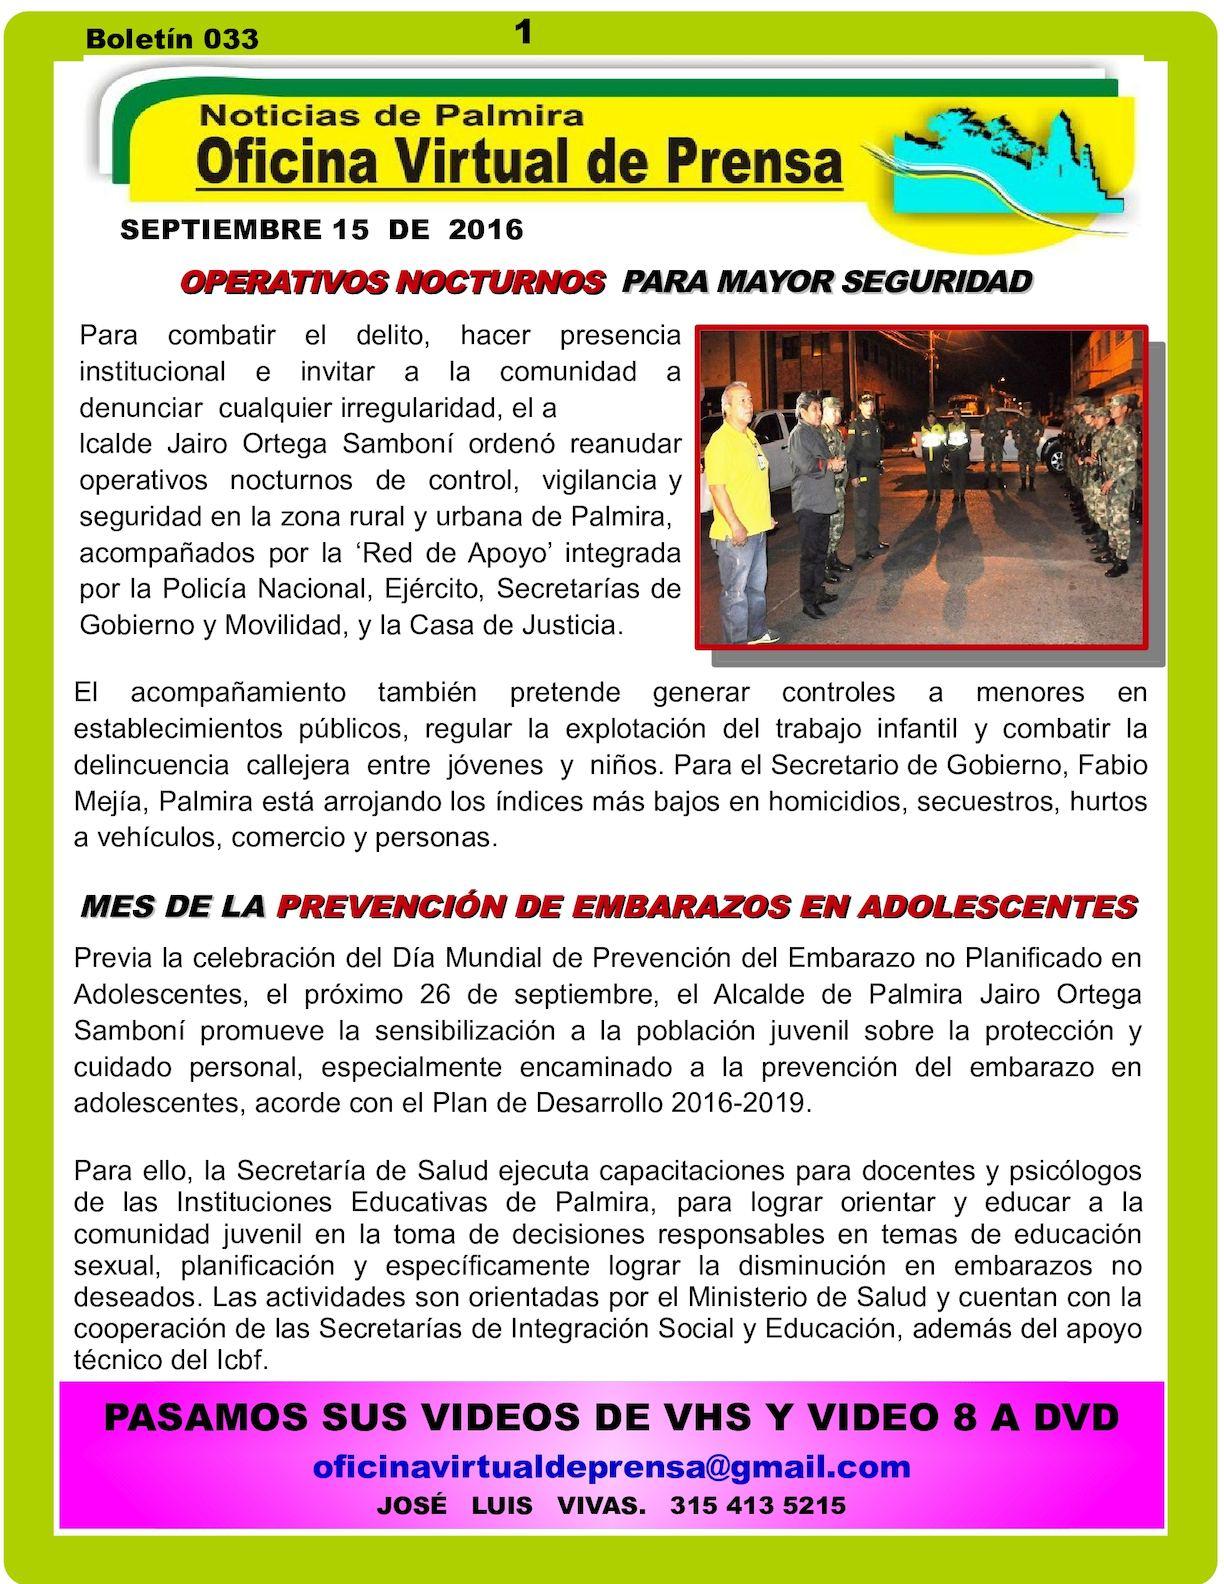 Calaméo - OPERATIVOS NOCTURNOS PARA MAYOR SEGURIDAD EN PALMIRA